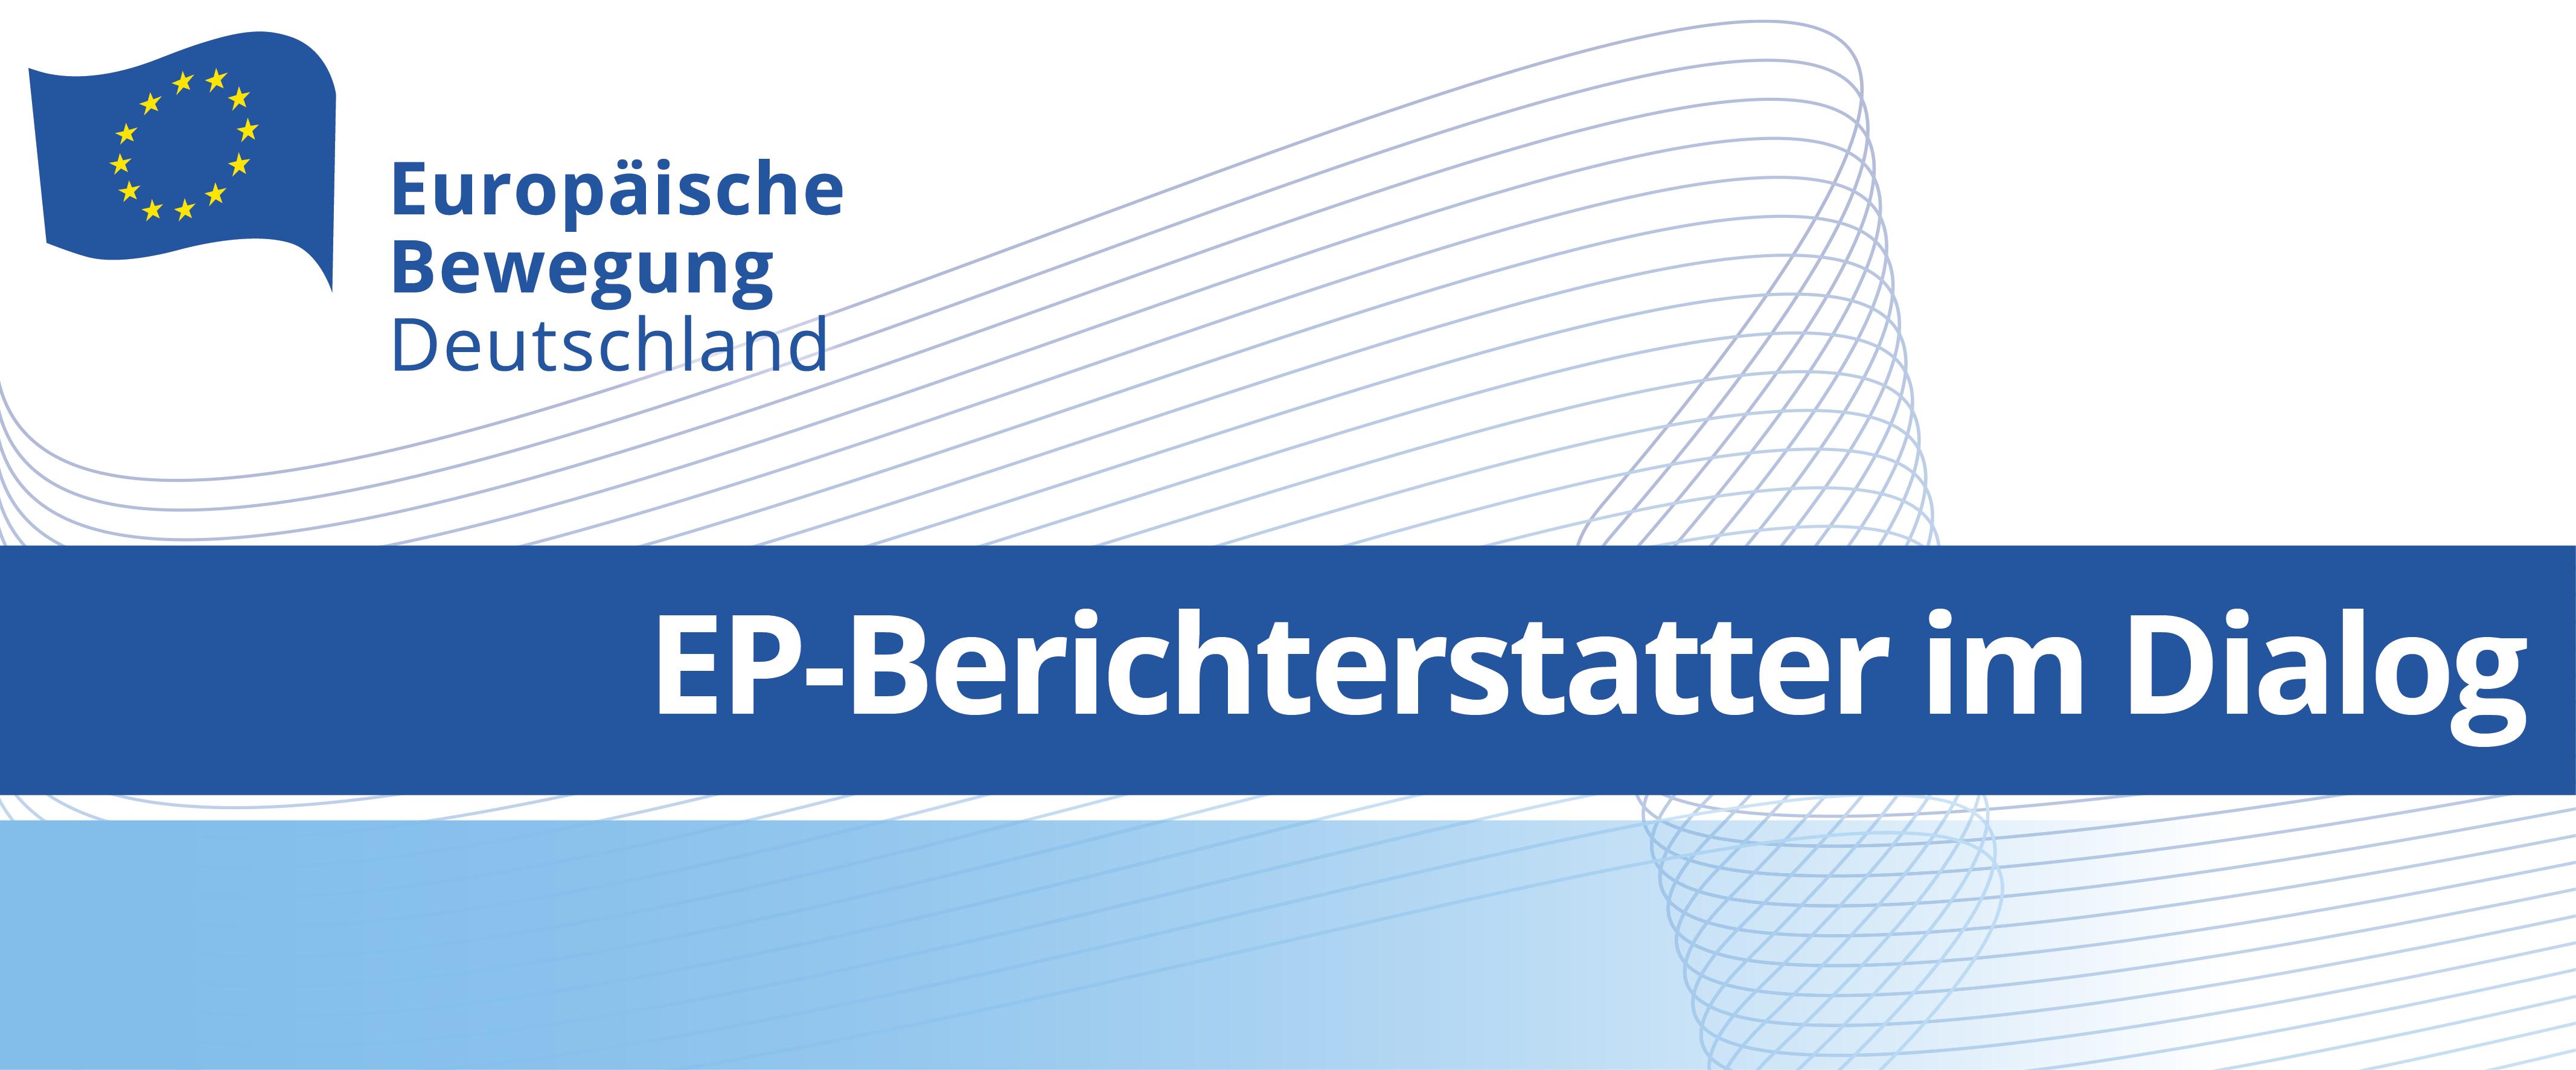 EP-Berichterstatter im Dialog: Jens Geier | 23.04.2021